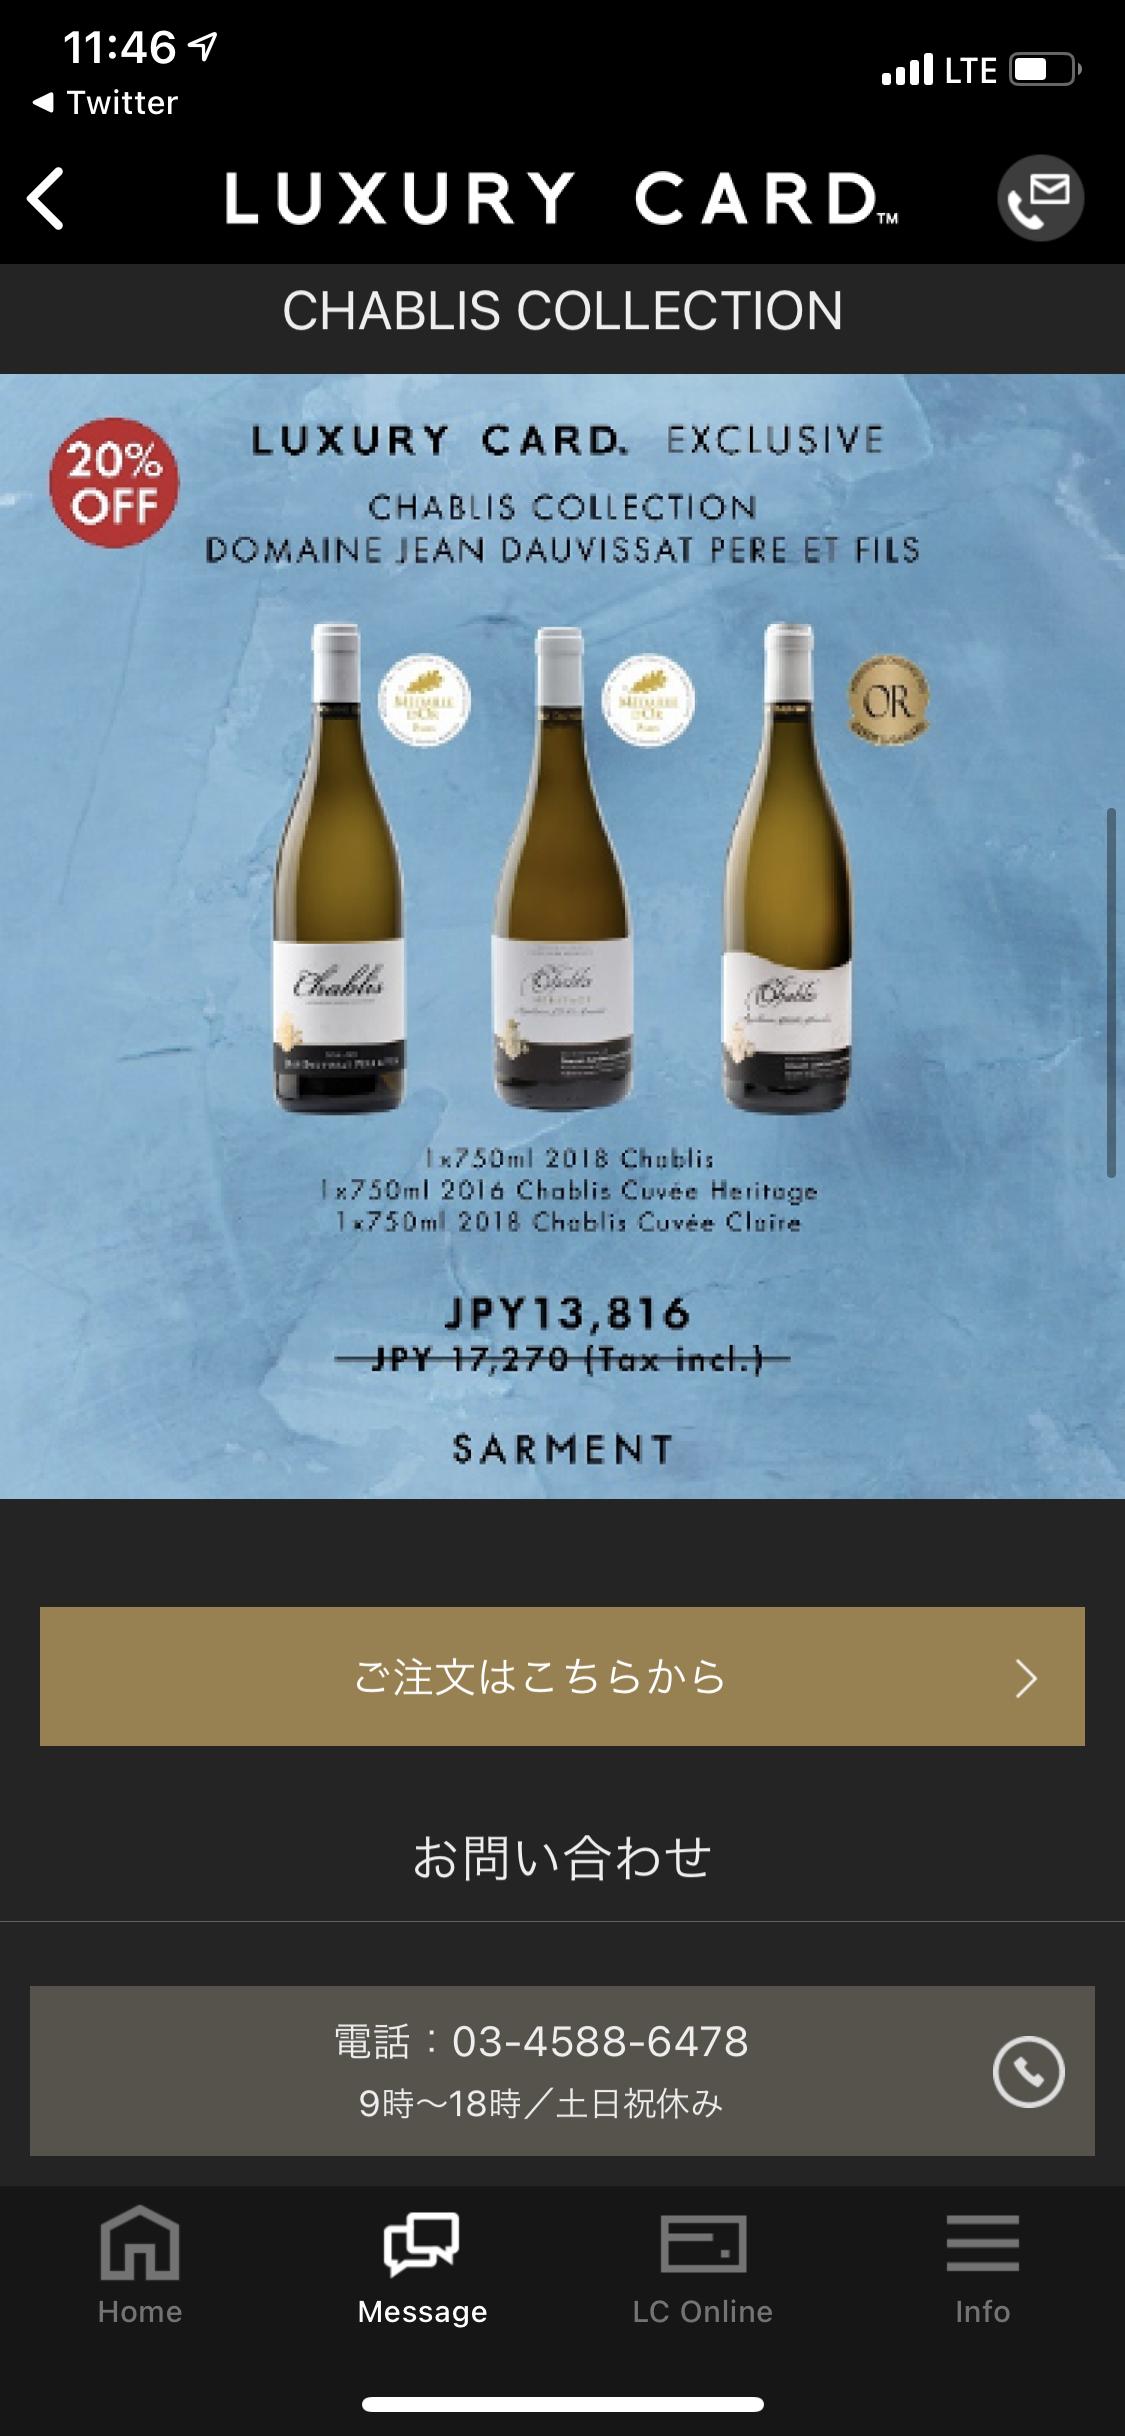 ラグジュアリーカードのパリの三ツ星レストラン提供の希少シャブリワイン優待 (1)